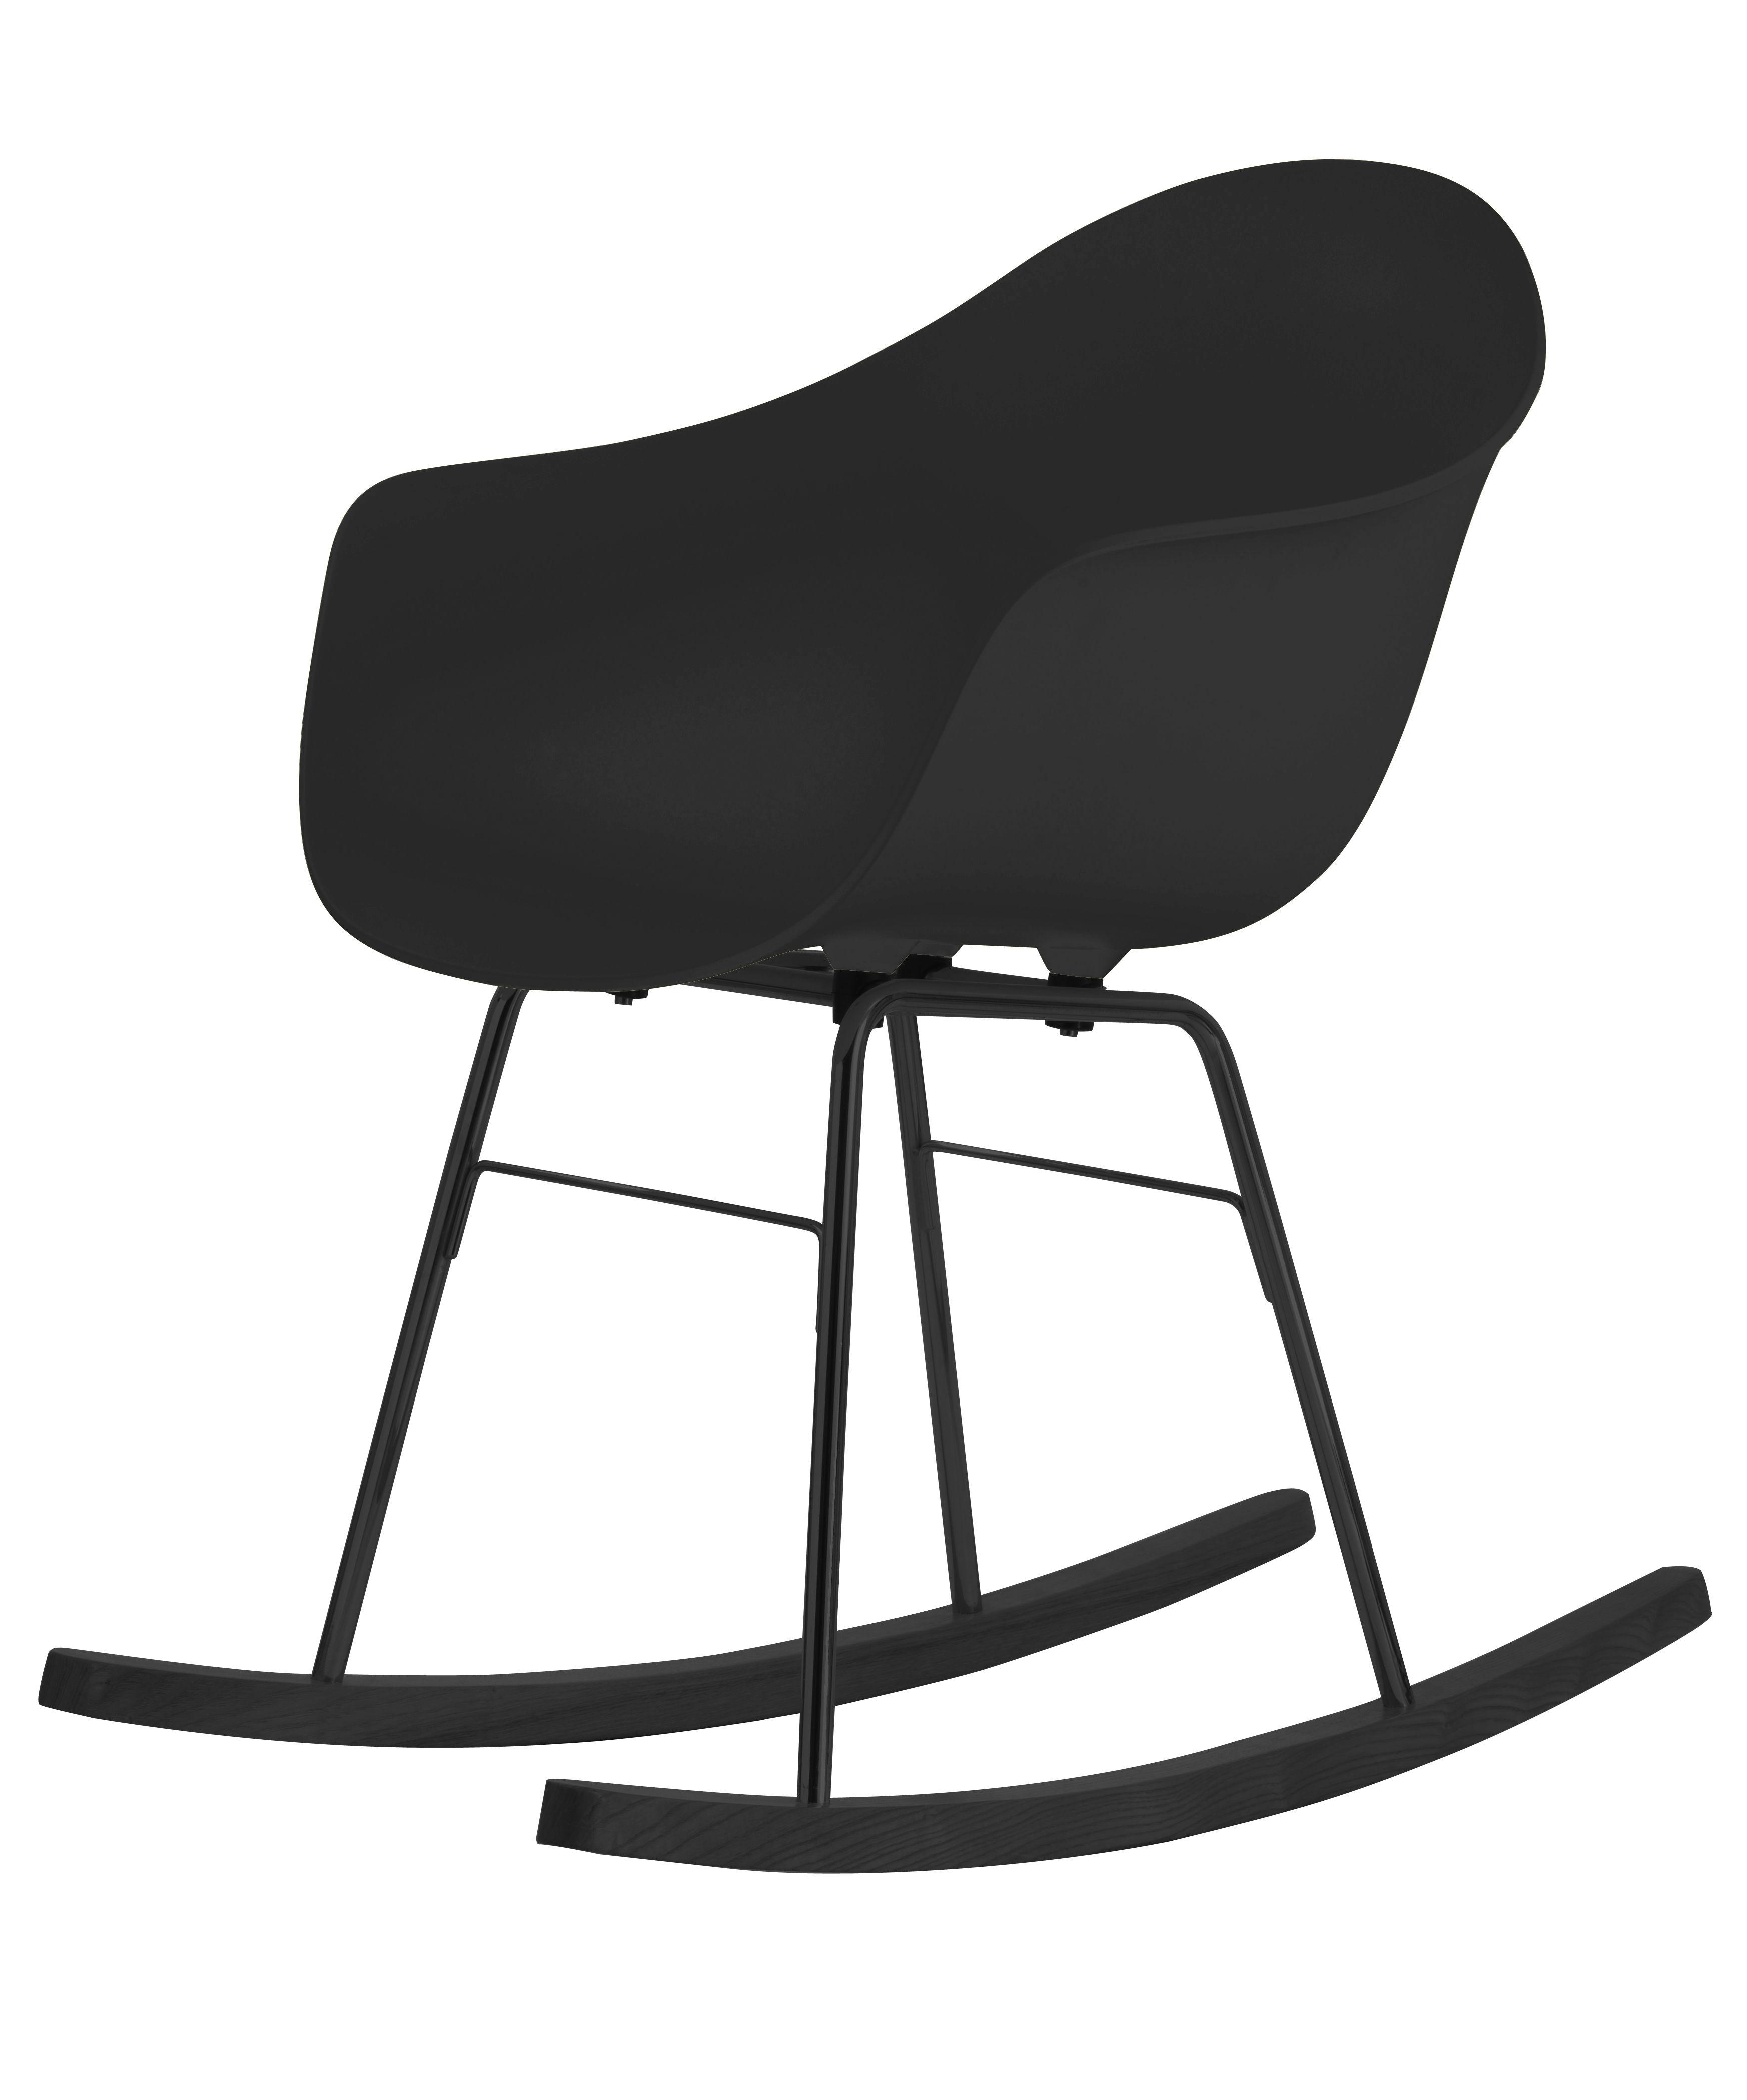 scopri rocking chair ta pattini in legno nero. Black Bedroom Furniture Sets. Home Design Ideas